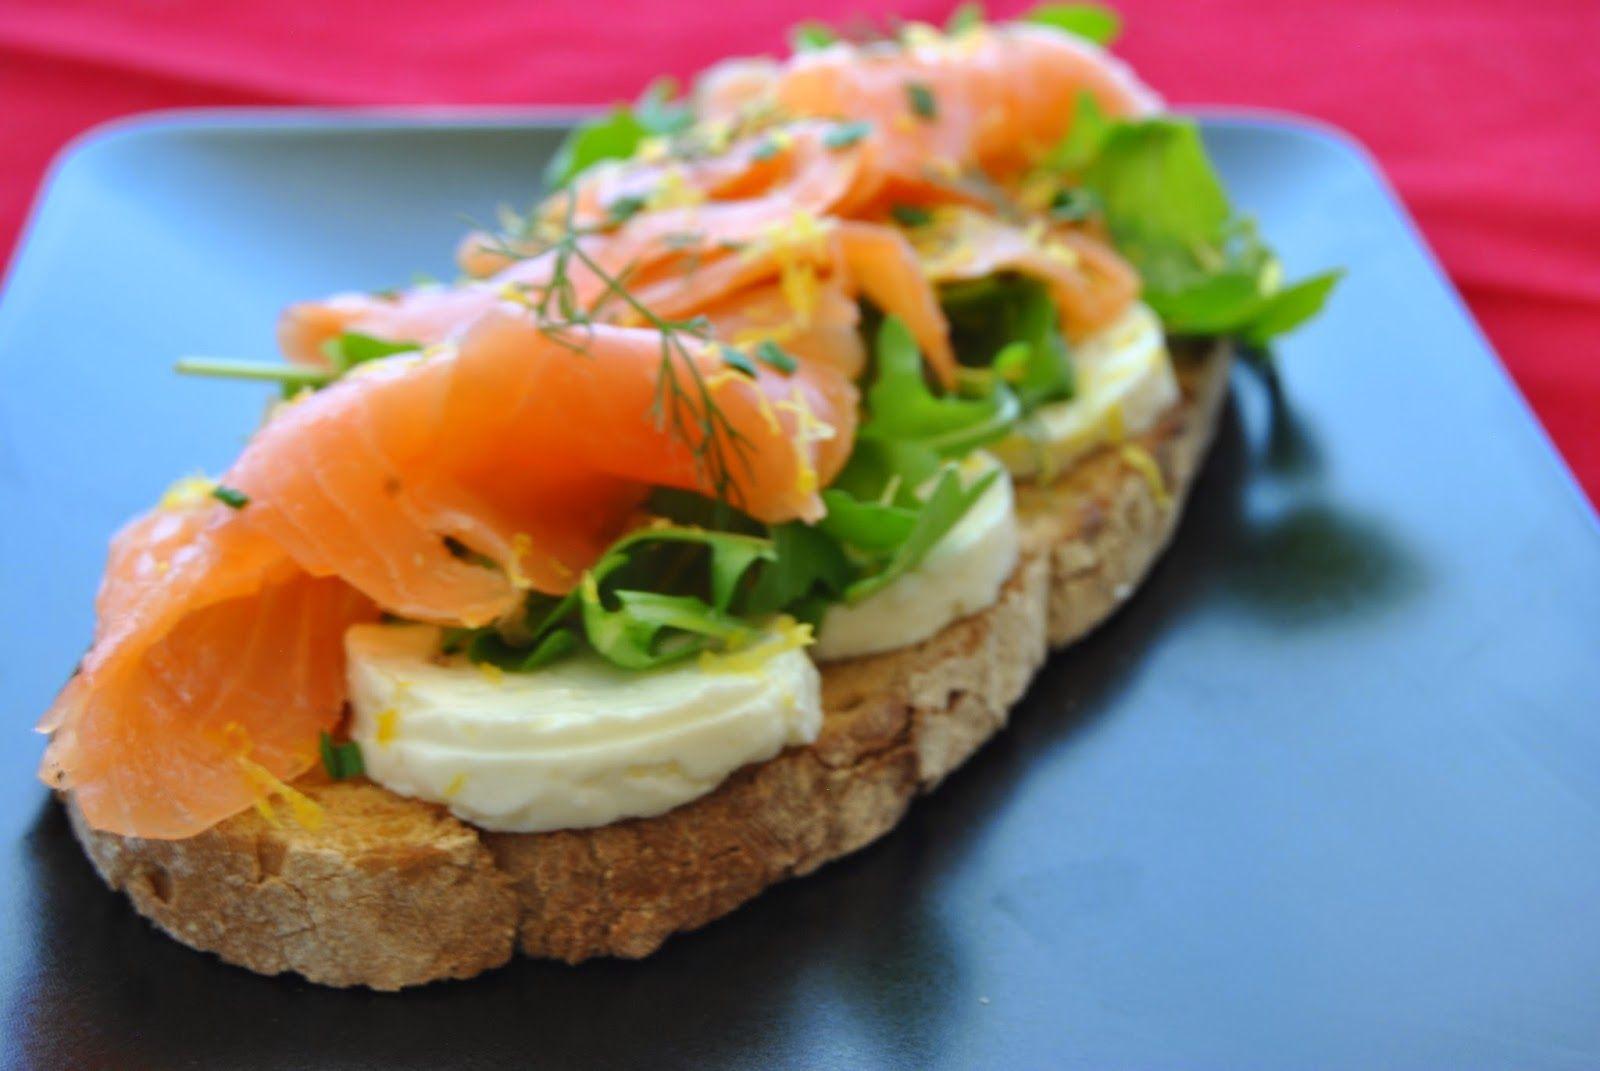 A aventura culinária!: Simples, mais simples não há! E saudável.